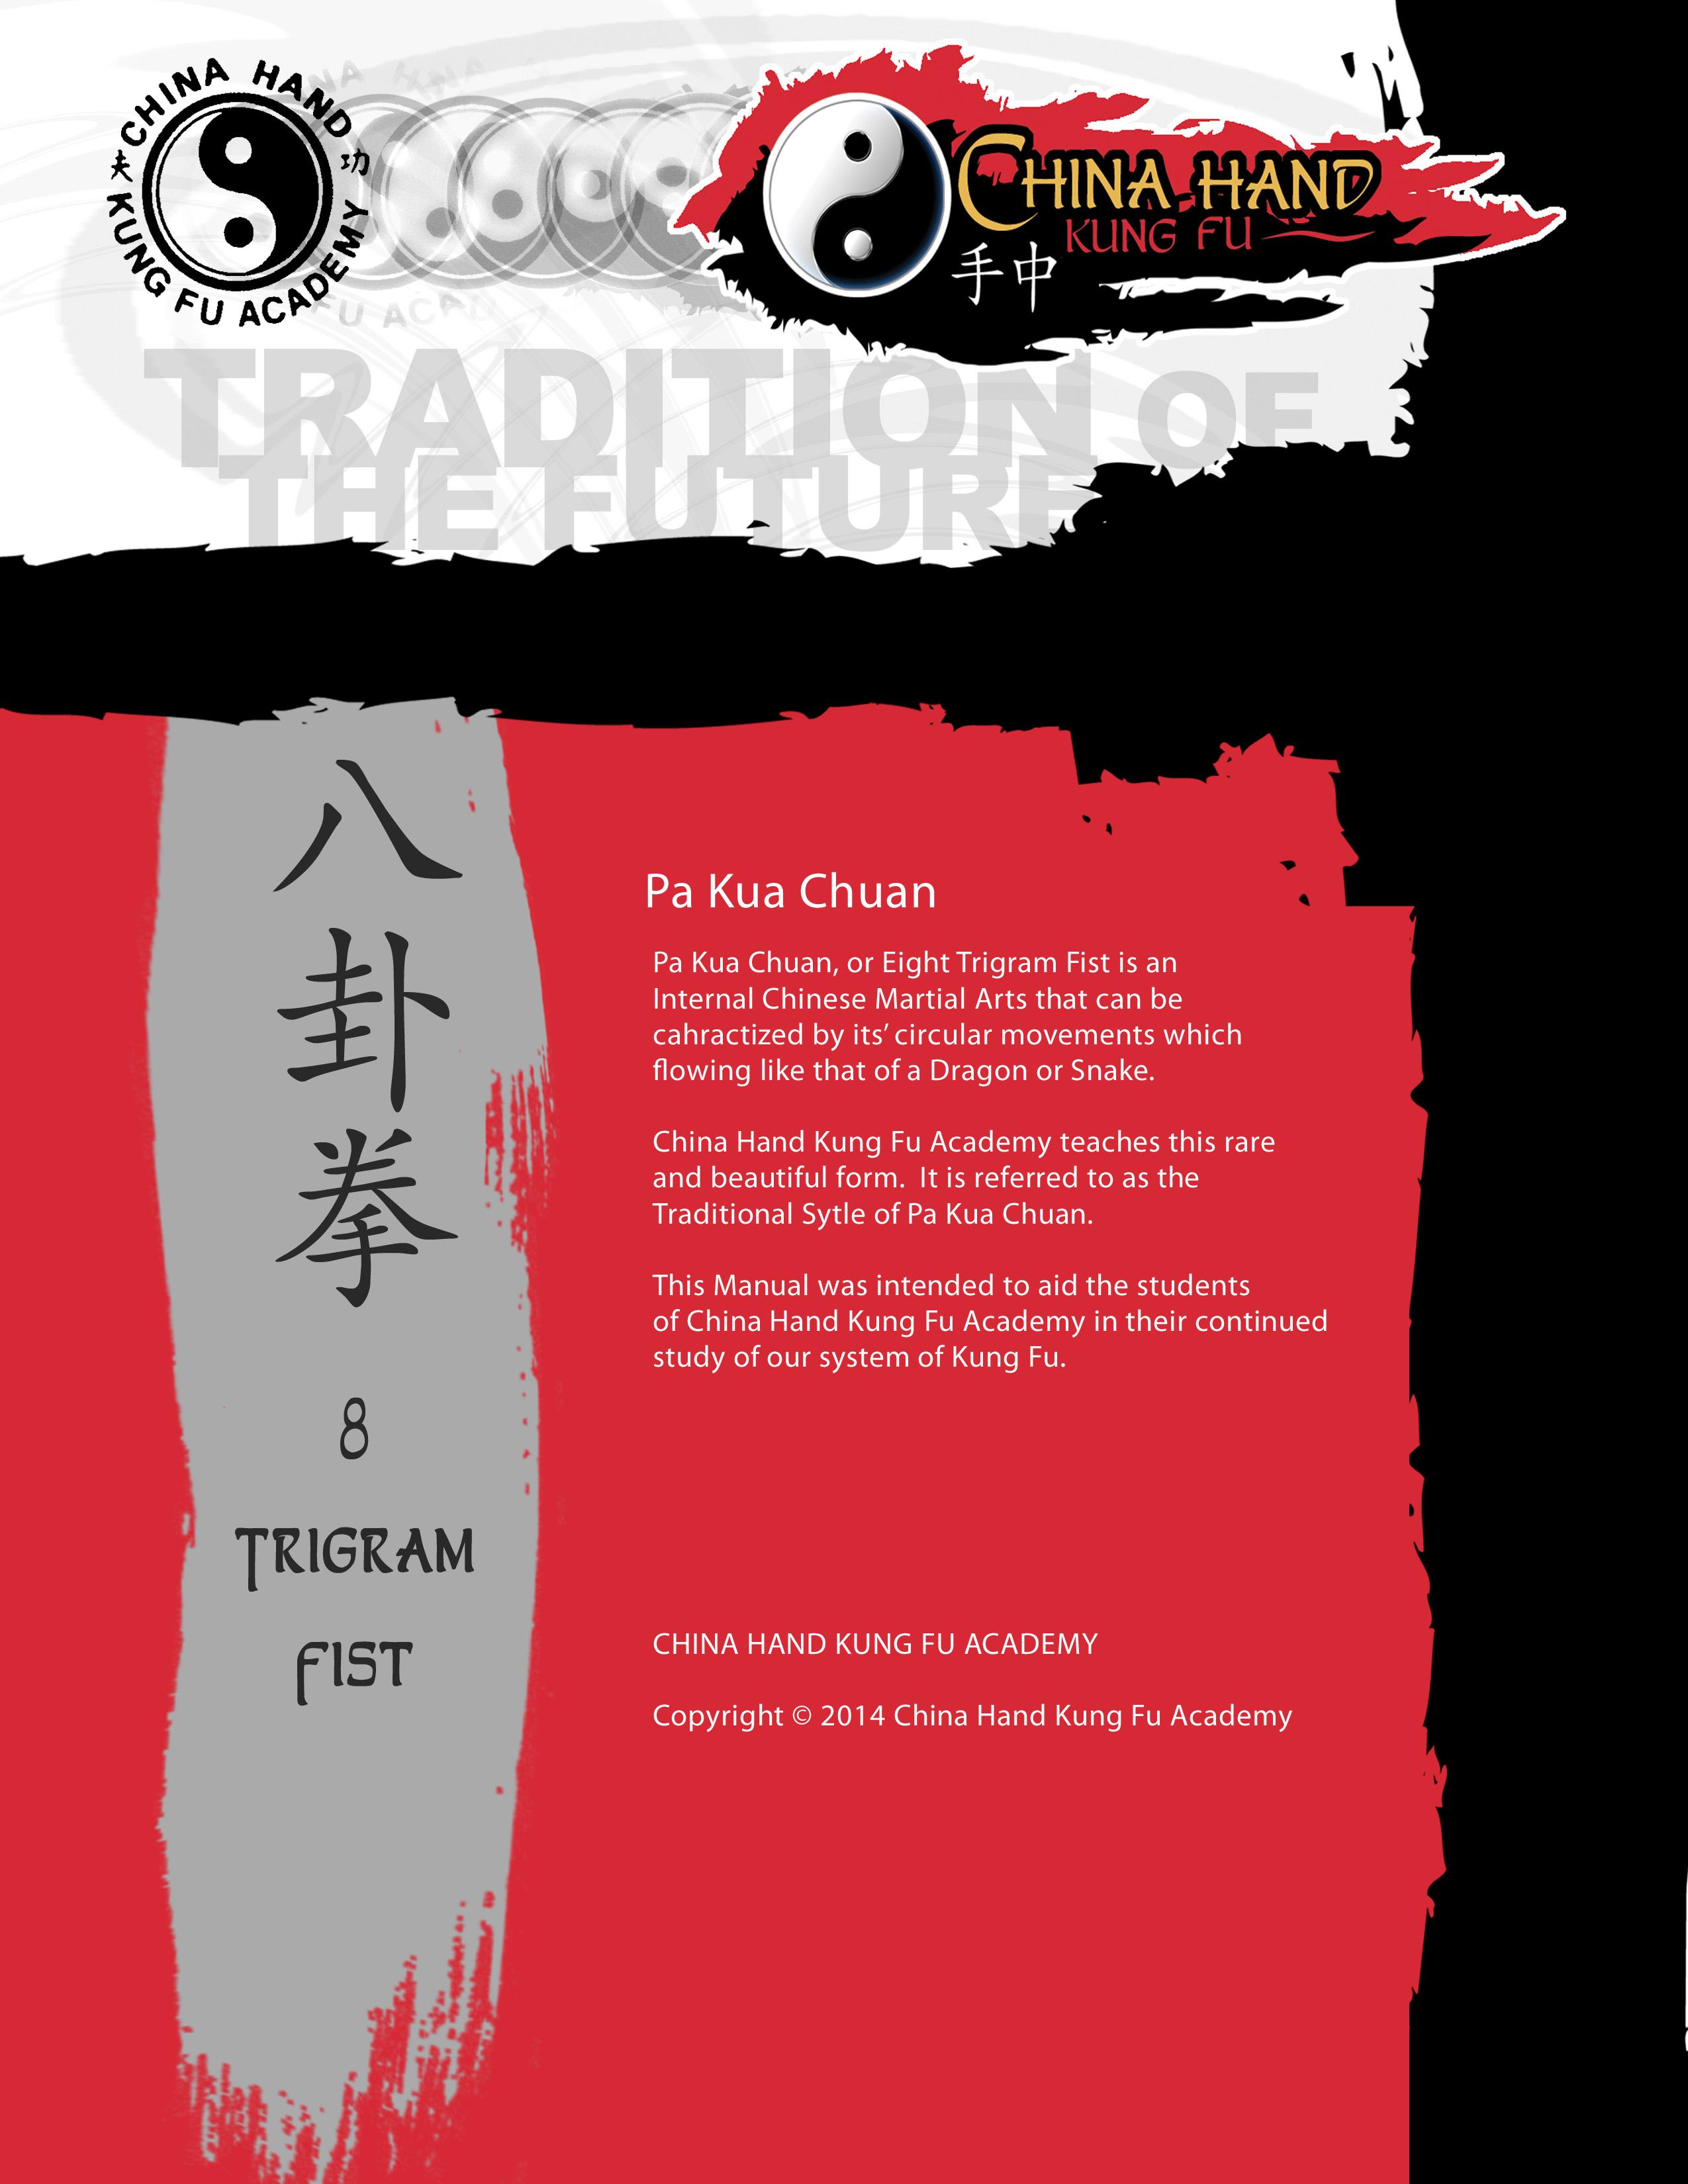 Pa Kua Chuan Manual Back